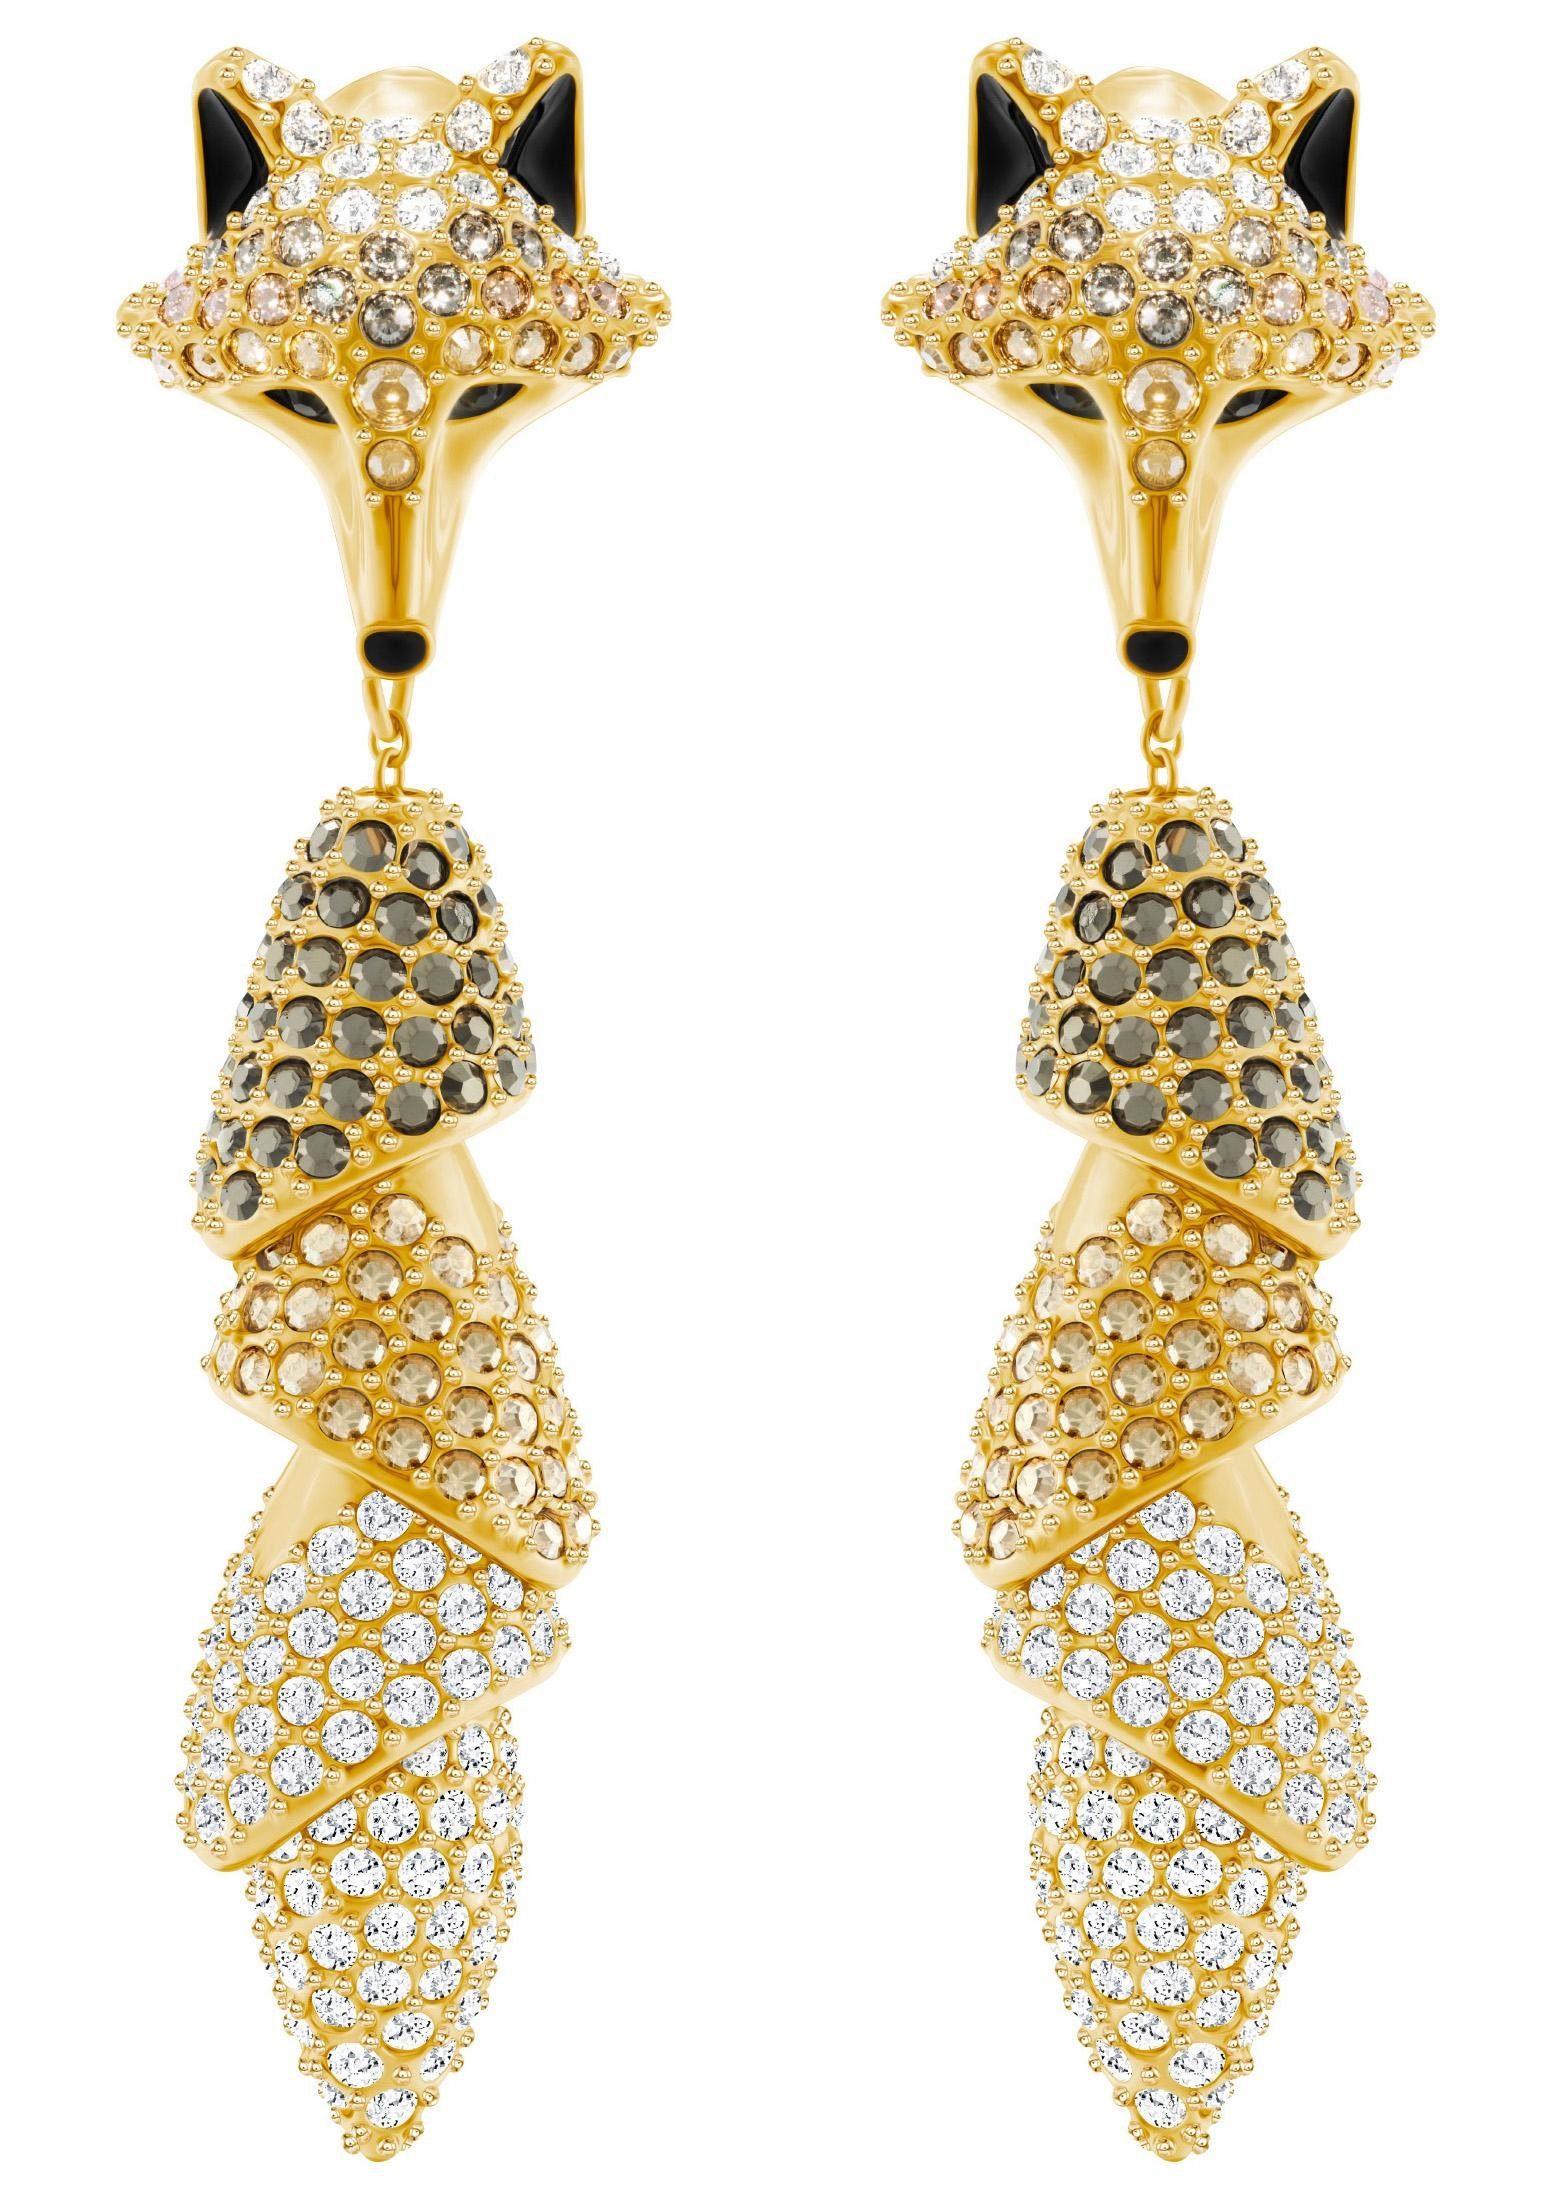 Swarovski Paar Ohrstecker »March Fox Ohrringe, mehrfarbig, vergoldet, 5409357« mit Swarovski® Kristallen und abnehmbaren Einhängern